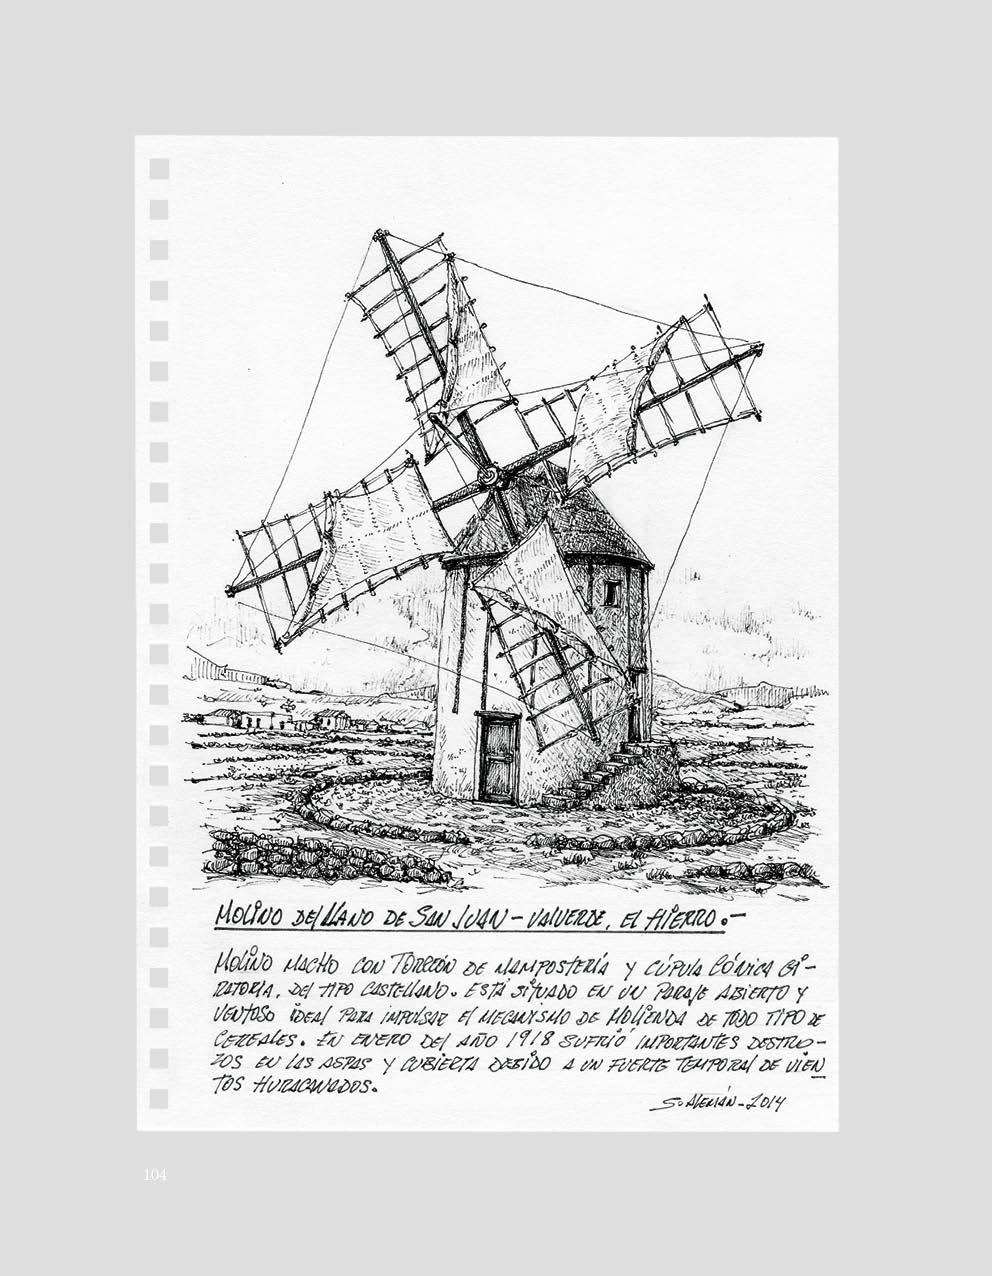 09 Libro S-Aleman 104.jpg